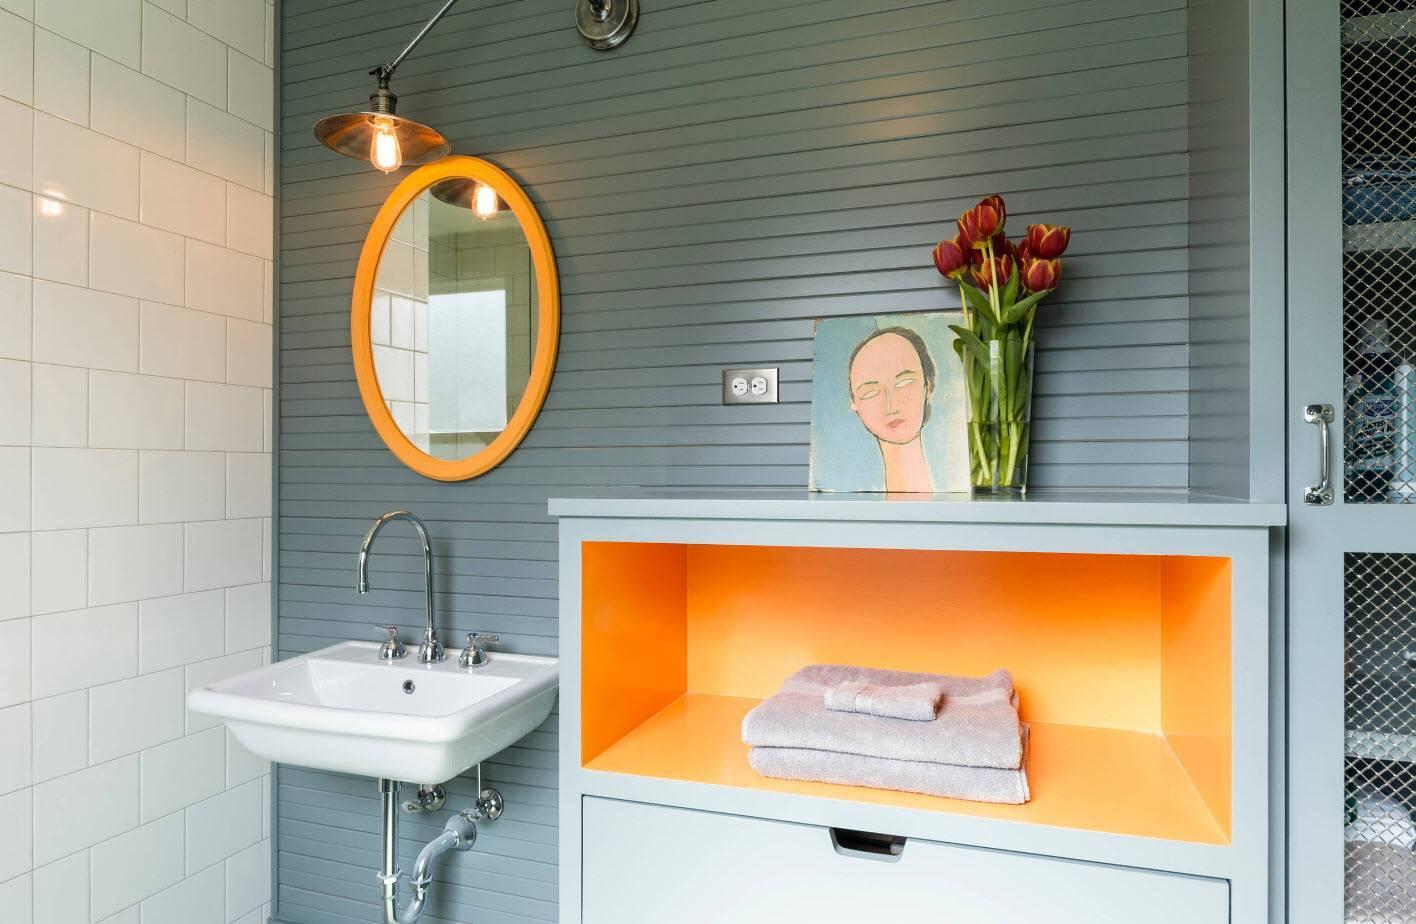 Оранжевая ванная комната — создание позитивного настроения и подбор оптимальных цветовых сочетаний ( фото-идей)